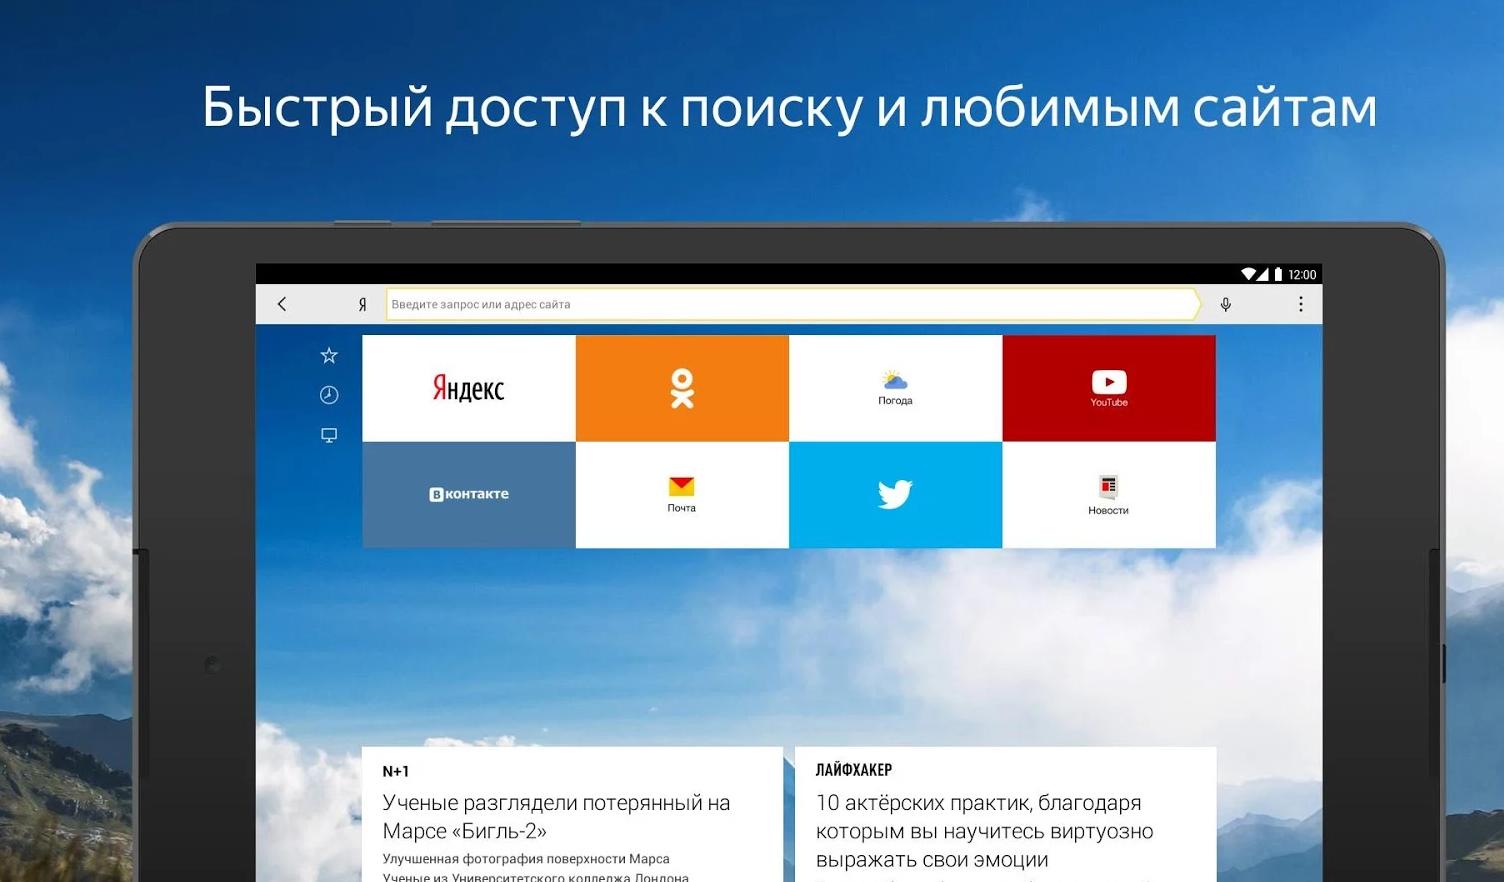 Яндекс скачать бесплатно на компьютер 2017 года